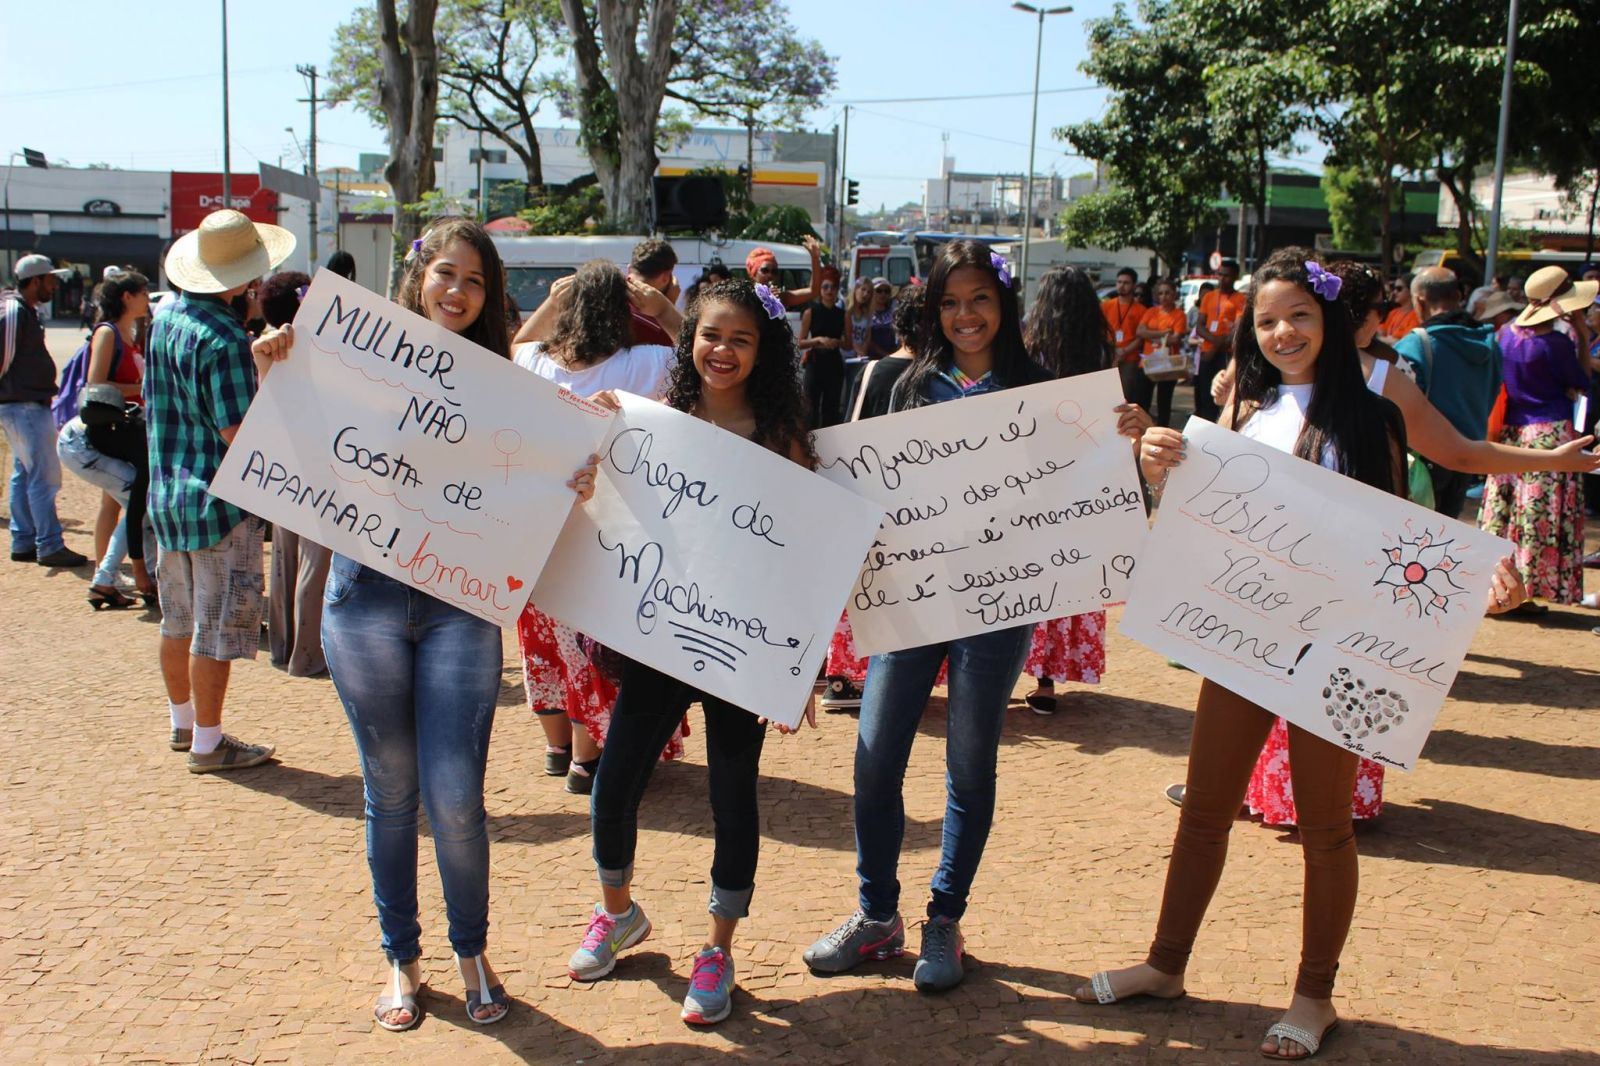 ensino médio no brasil hoje